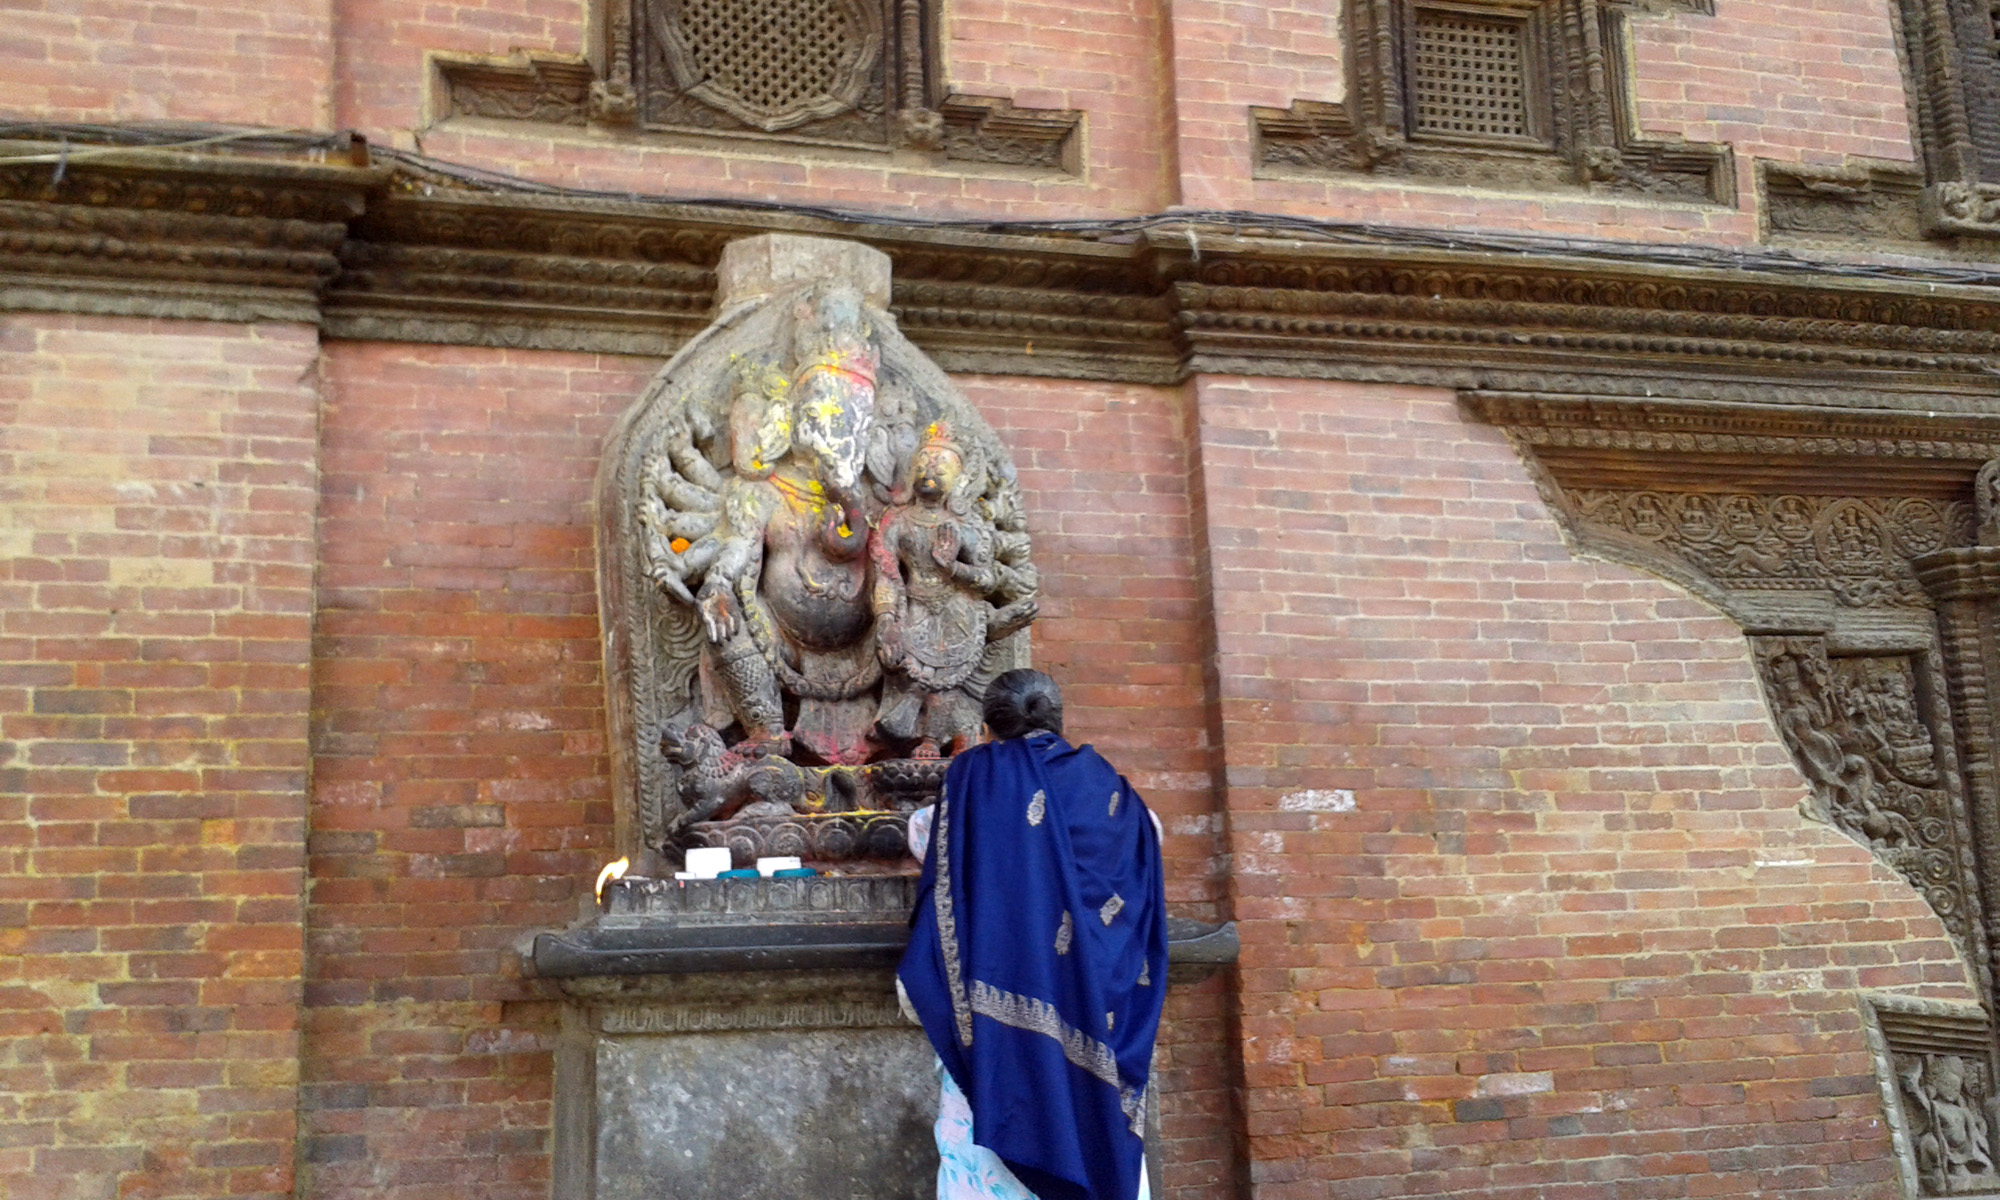 Photo was taken in Patan Darbar in Kathmandu, Nepal